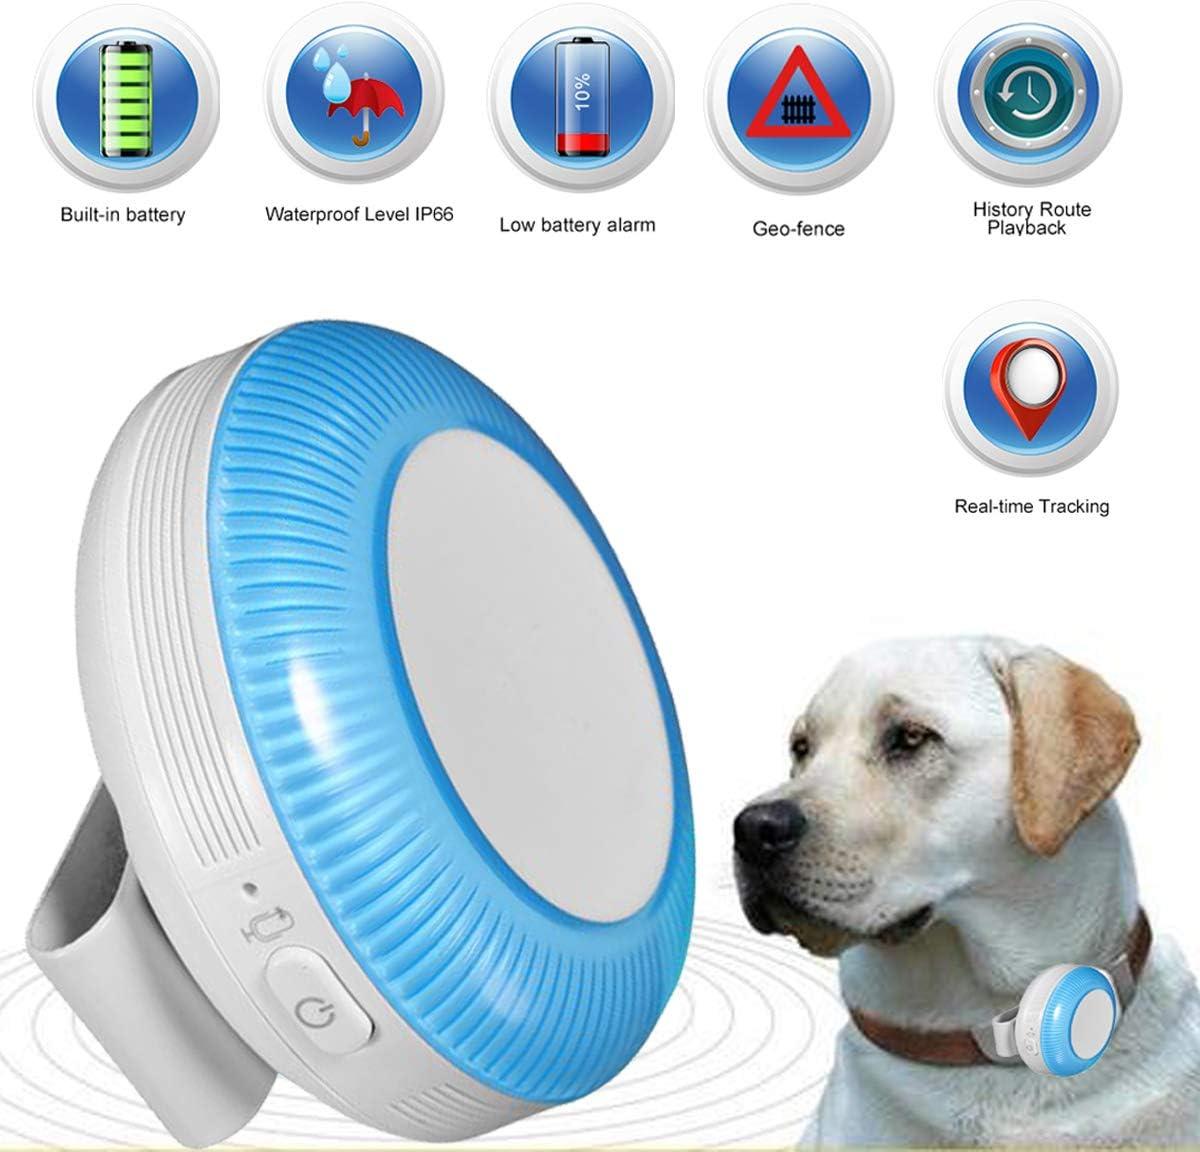 Zeerkeer Mini GPS Tracker,Rastreador GPS de Mascotas con Tarjeta SIM, Localizador GPS para Perros en Tiempo Real Impermeable IP65 Ligero, Geofence, Alarma SOS (TK925)